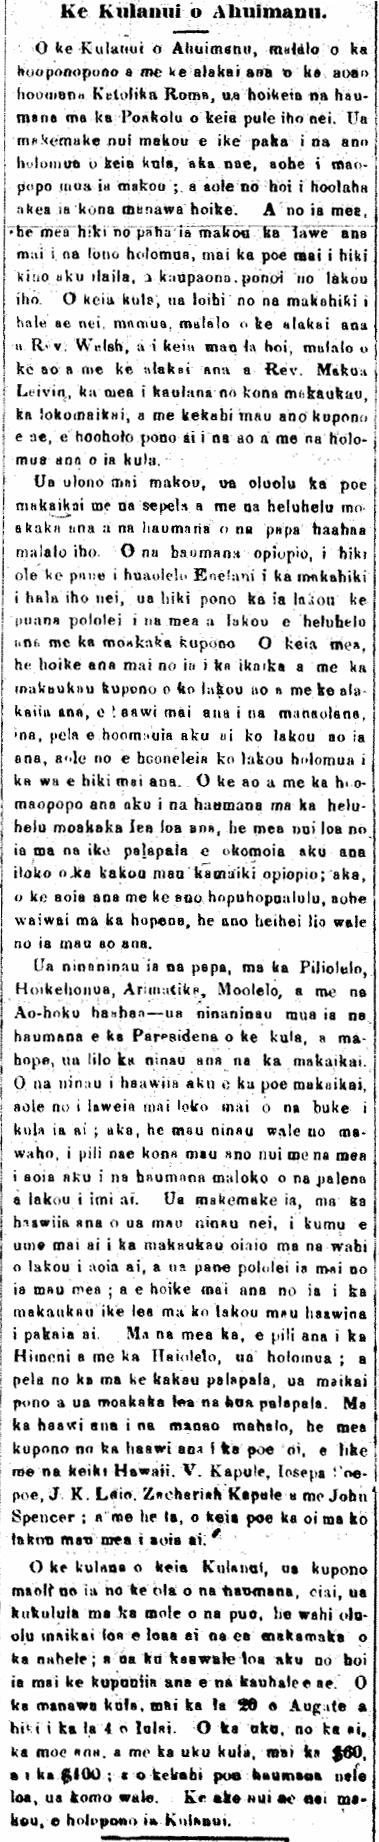 AuOkoa_7_13_1871_2.png